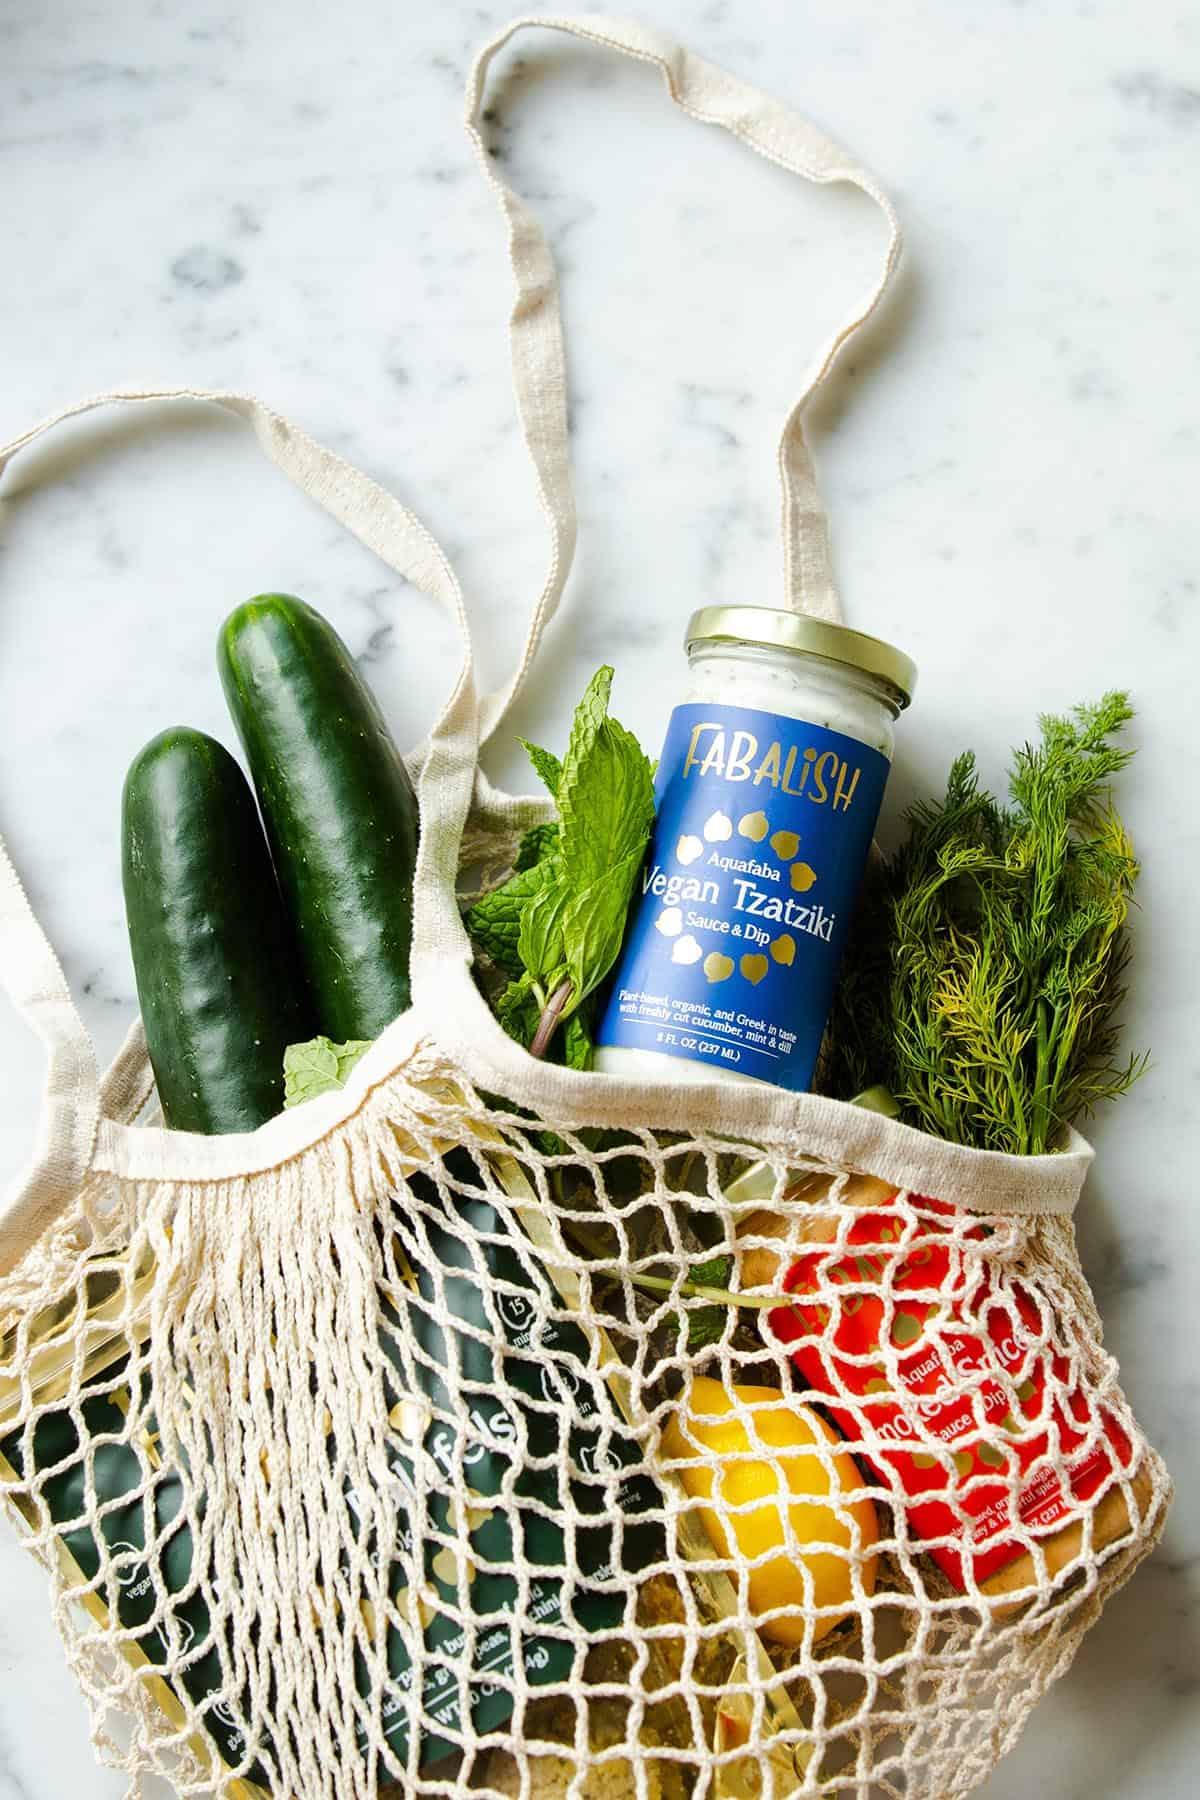 vegan grocery shopping